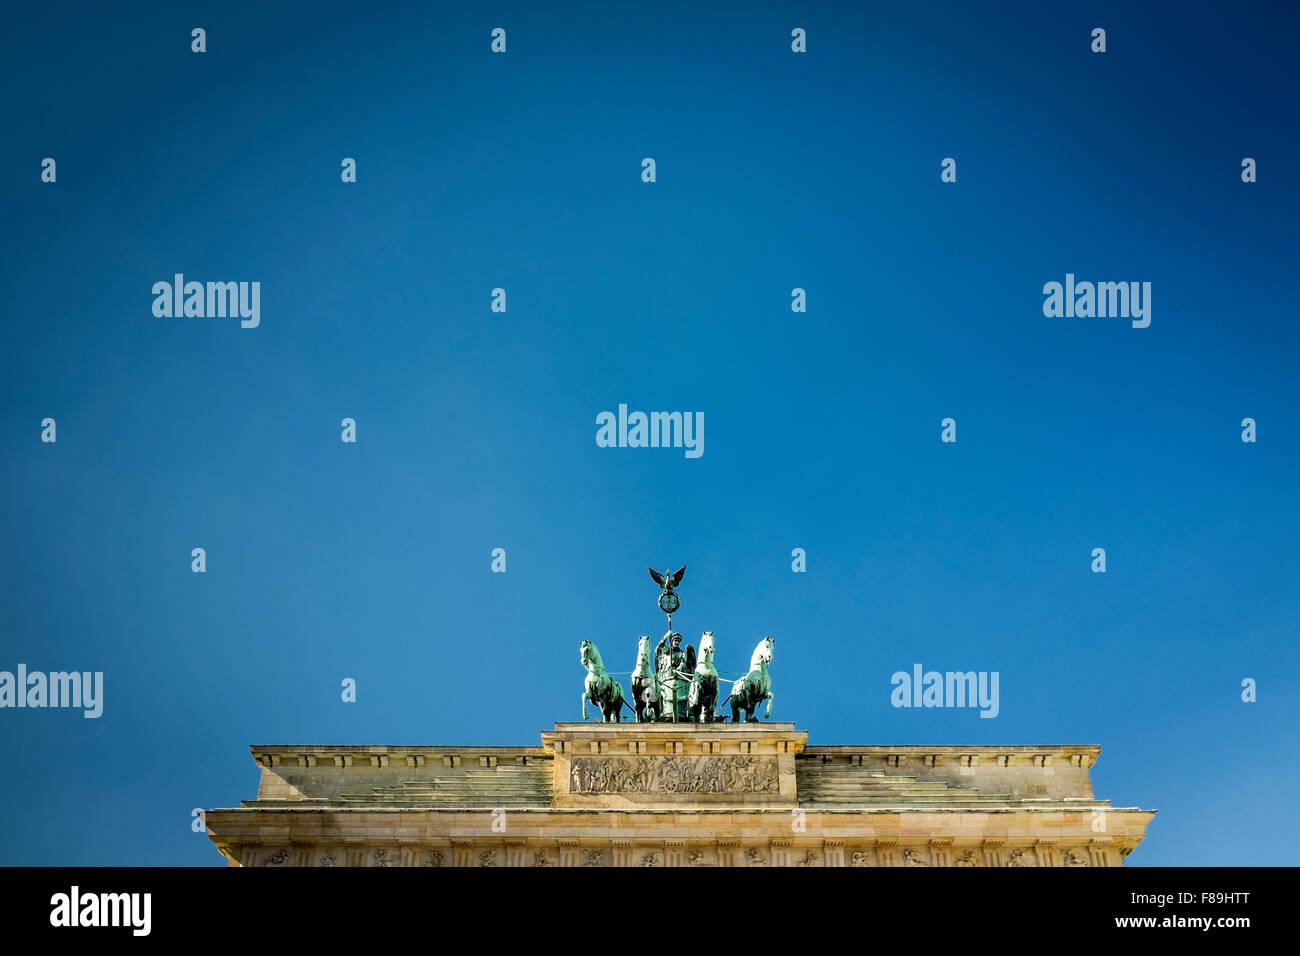 Quadriga en la Puerta de Brandeburgo, Berlín, Alemania Imagen De Stock